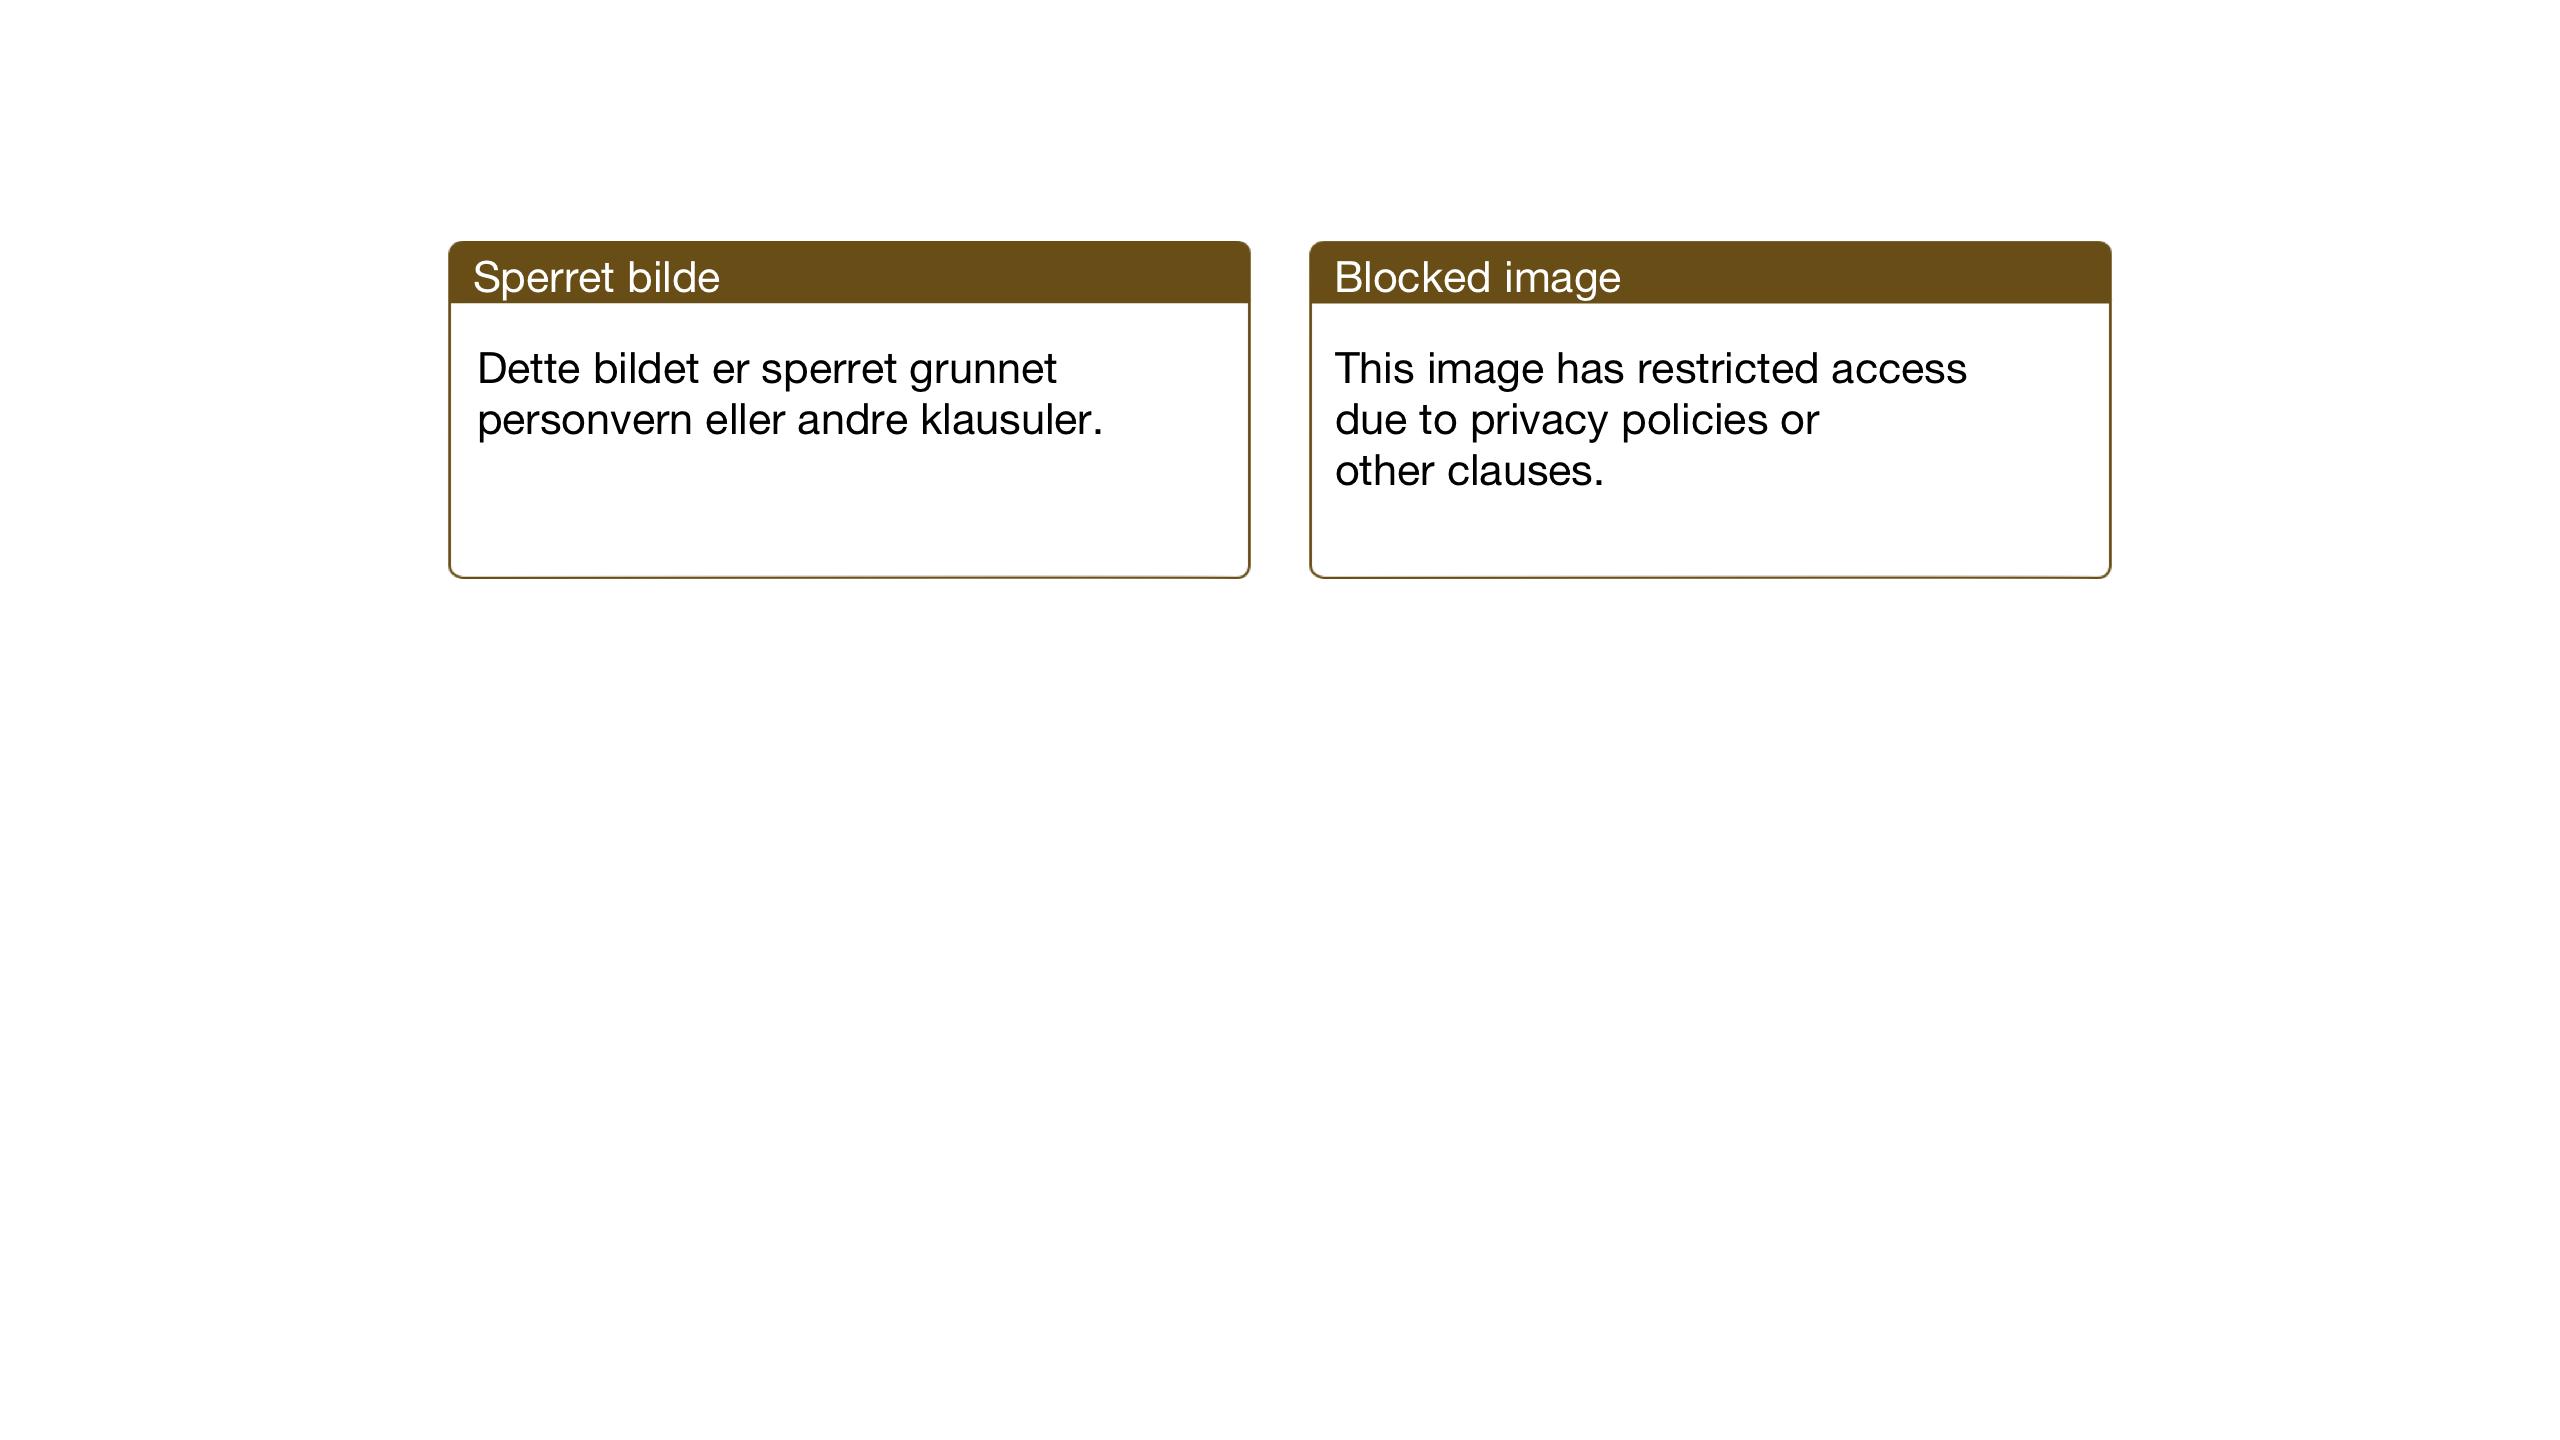 SAT, Ministerialprotokoller, klokkerbøker og fødselsregistre - Sør-Trøndelag, 686/L0986: Klokkerbok nr. 686C02, 1933-1950, s. 31